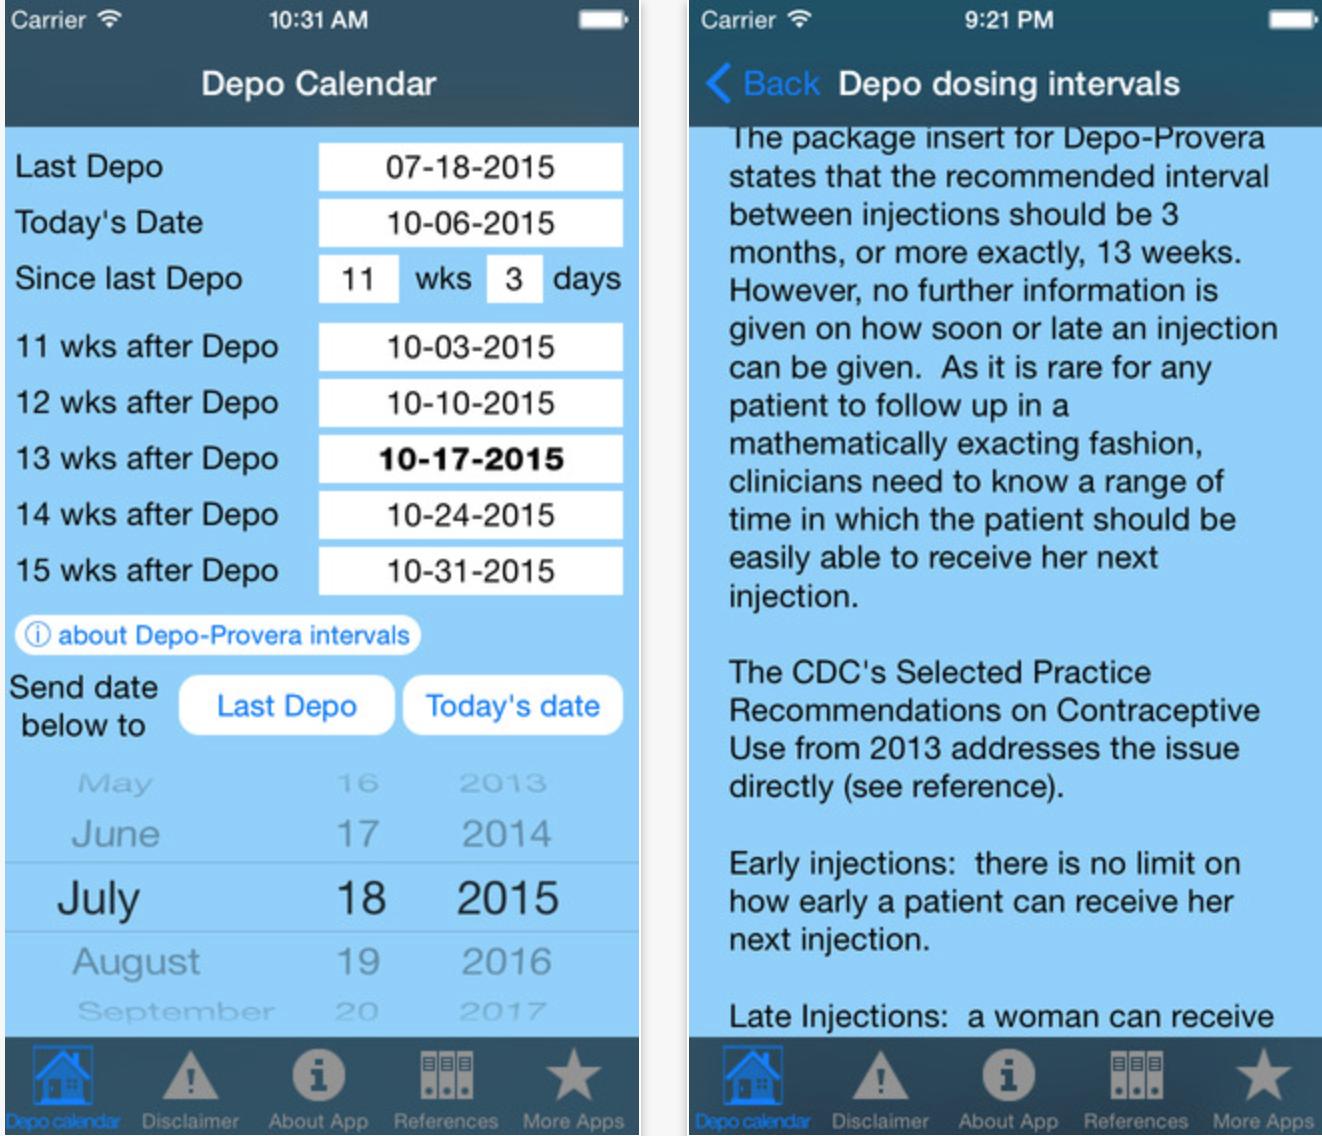 Depo Calendar App Could Significantly Improve Contraception for Depo Provera Calculator 2020